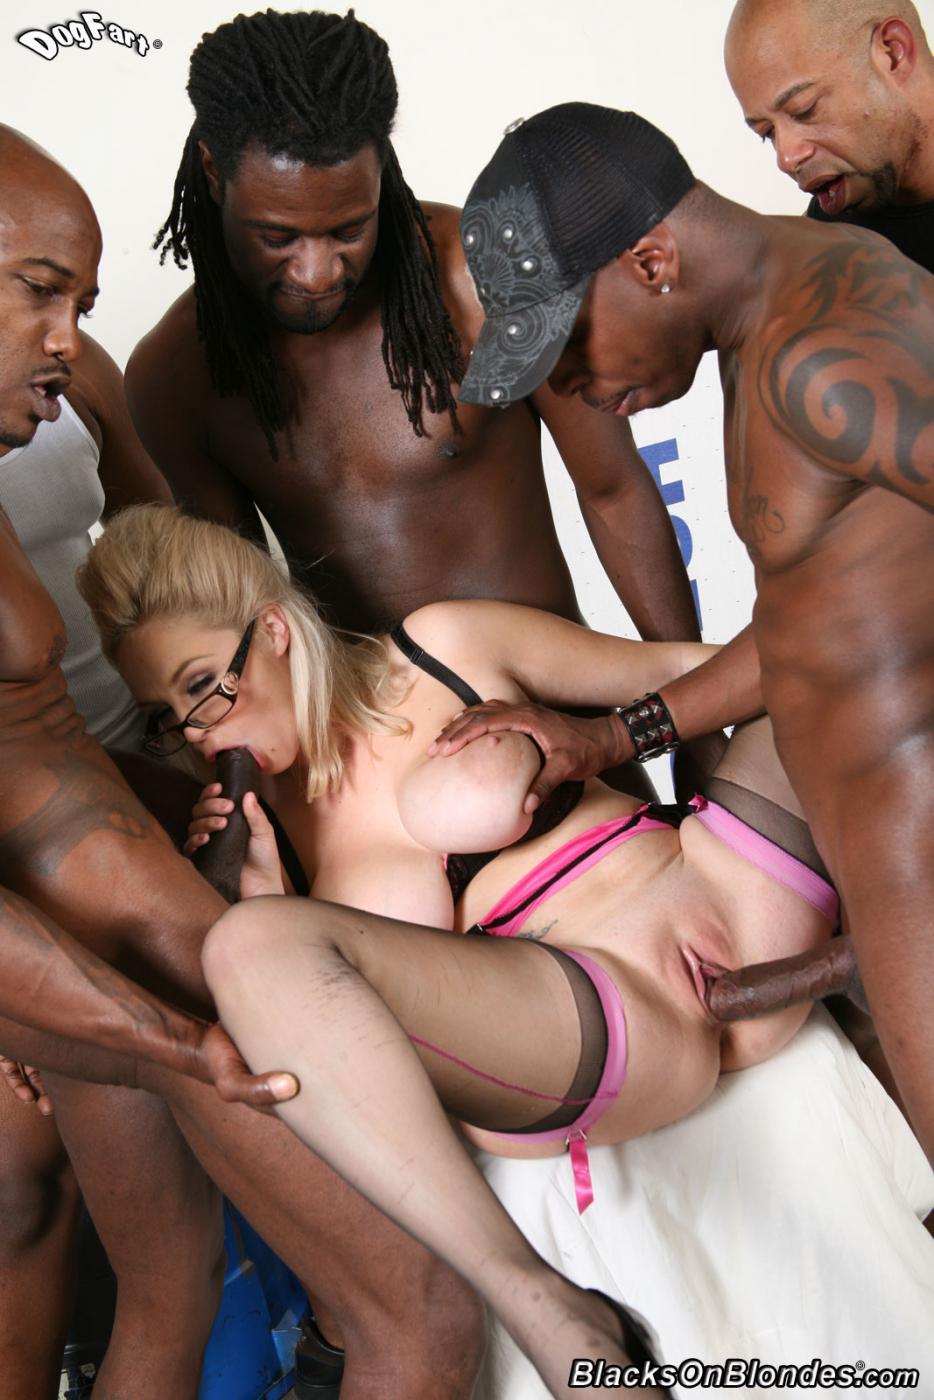 Грудастая блондинка Katie Kox трахается с кучей черных членов, невозможно сосчитать